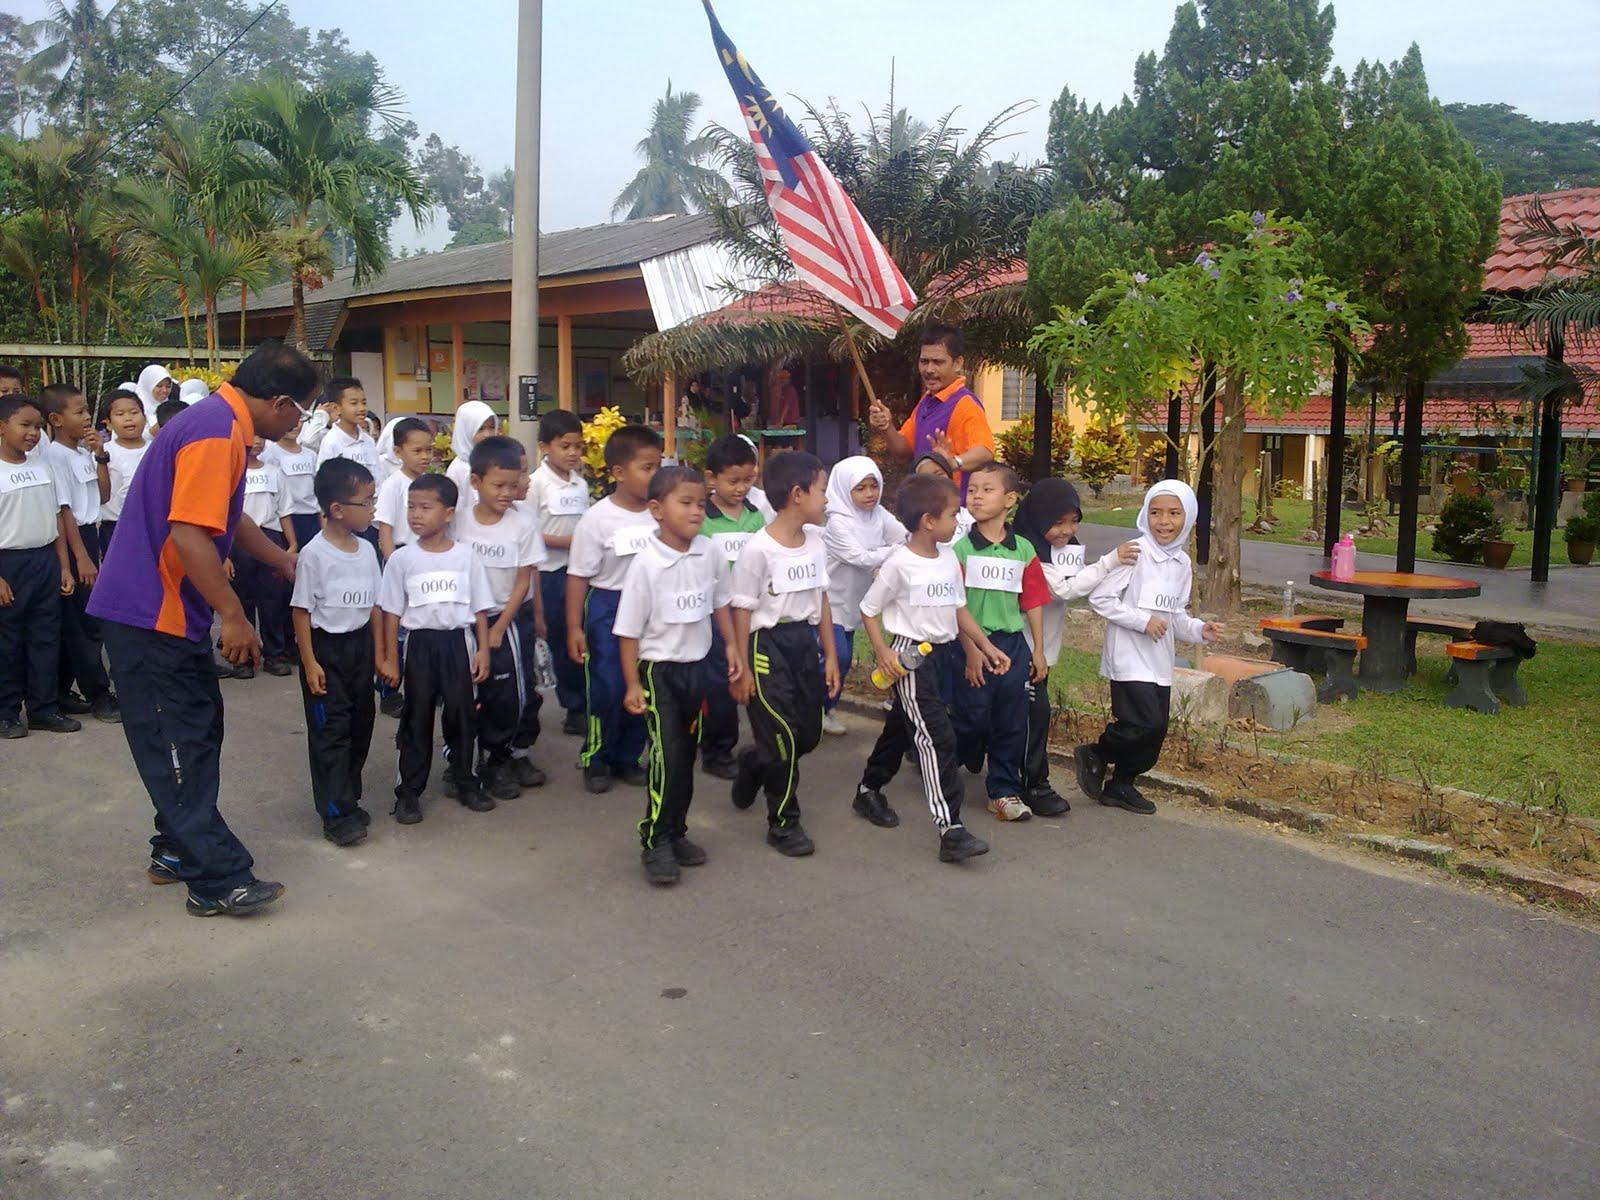 murid sukan malaysia run of sekolah Sekolah sukan malaysia (ssm) ialah sekolah untuk mengumpul atlet murid yang berpotensi supaya bakat cemerlang sukan dan akademik mereka dapat dipupuk serta dipertingkatkan di bawah bimbingan jurulatih yang berdedikasi serta guru-guru akademik yang terpilih.